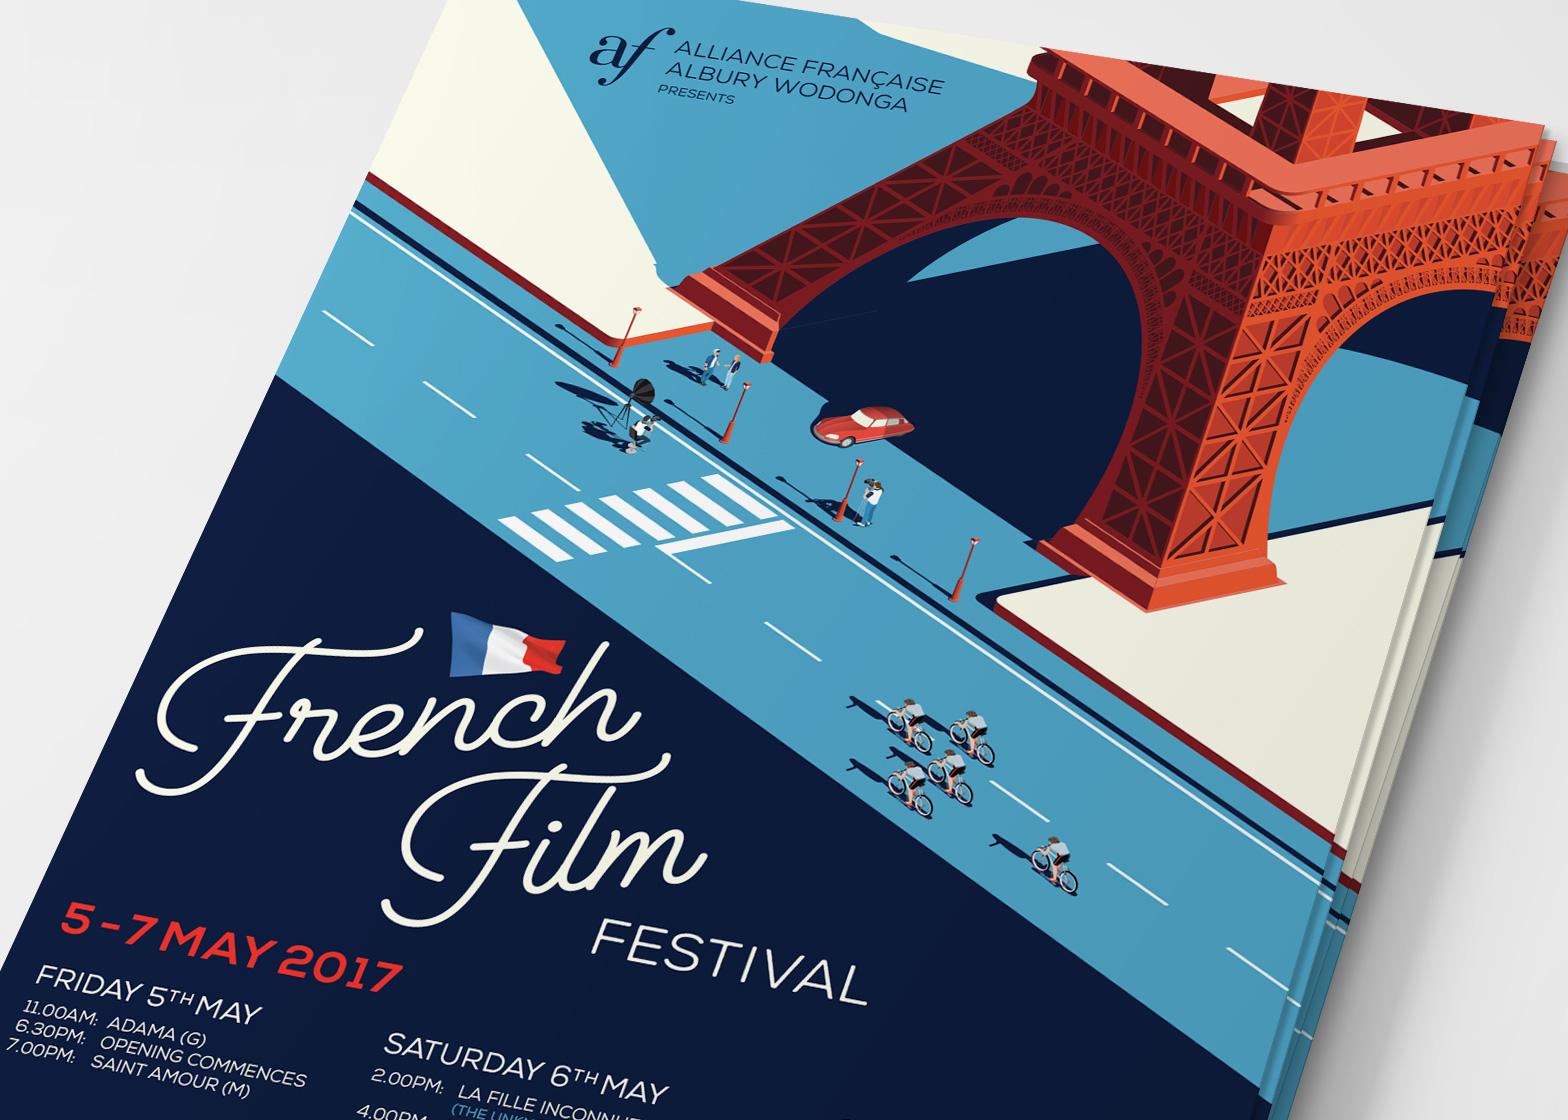 Poster design 2017 - Alliance Fran Aise French Film Festival 2017 Poster Design